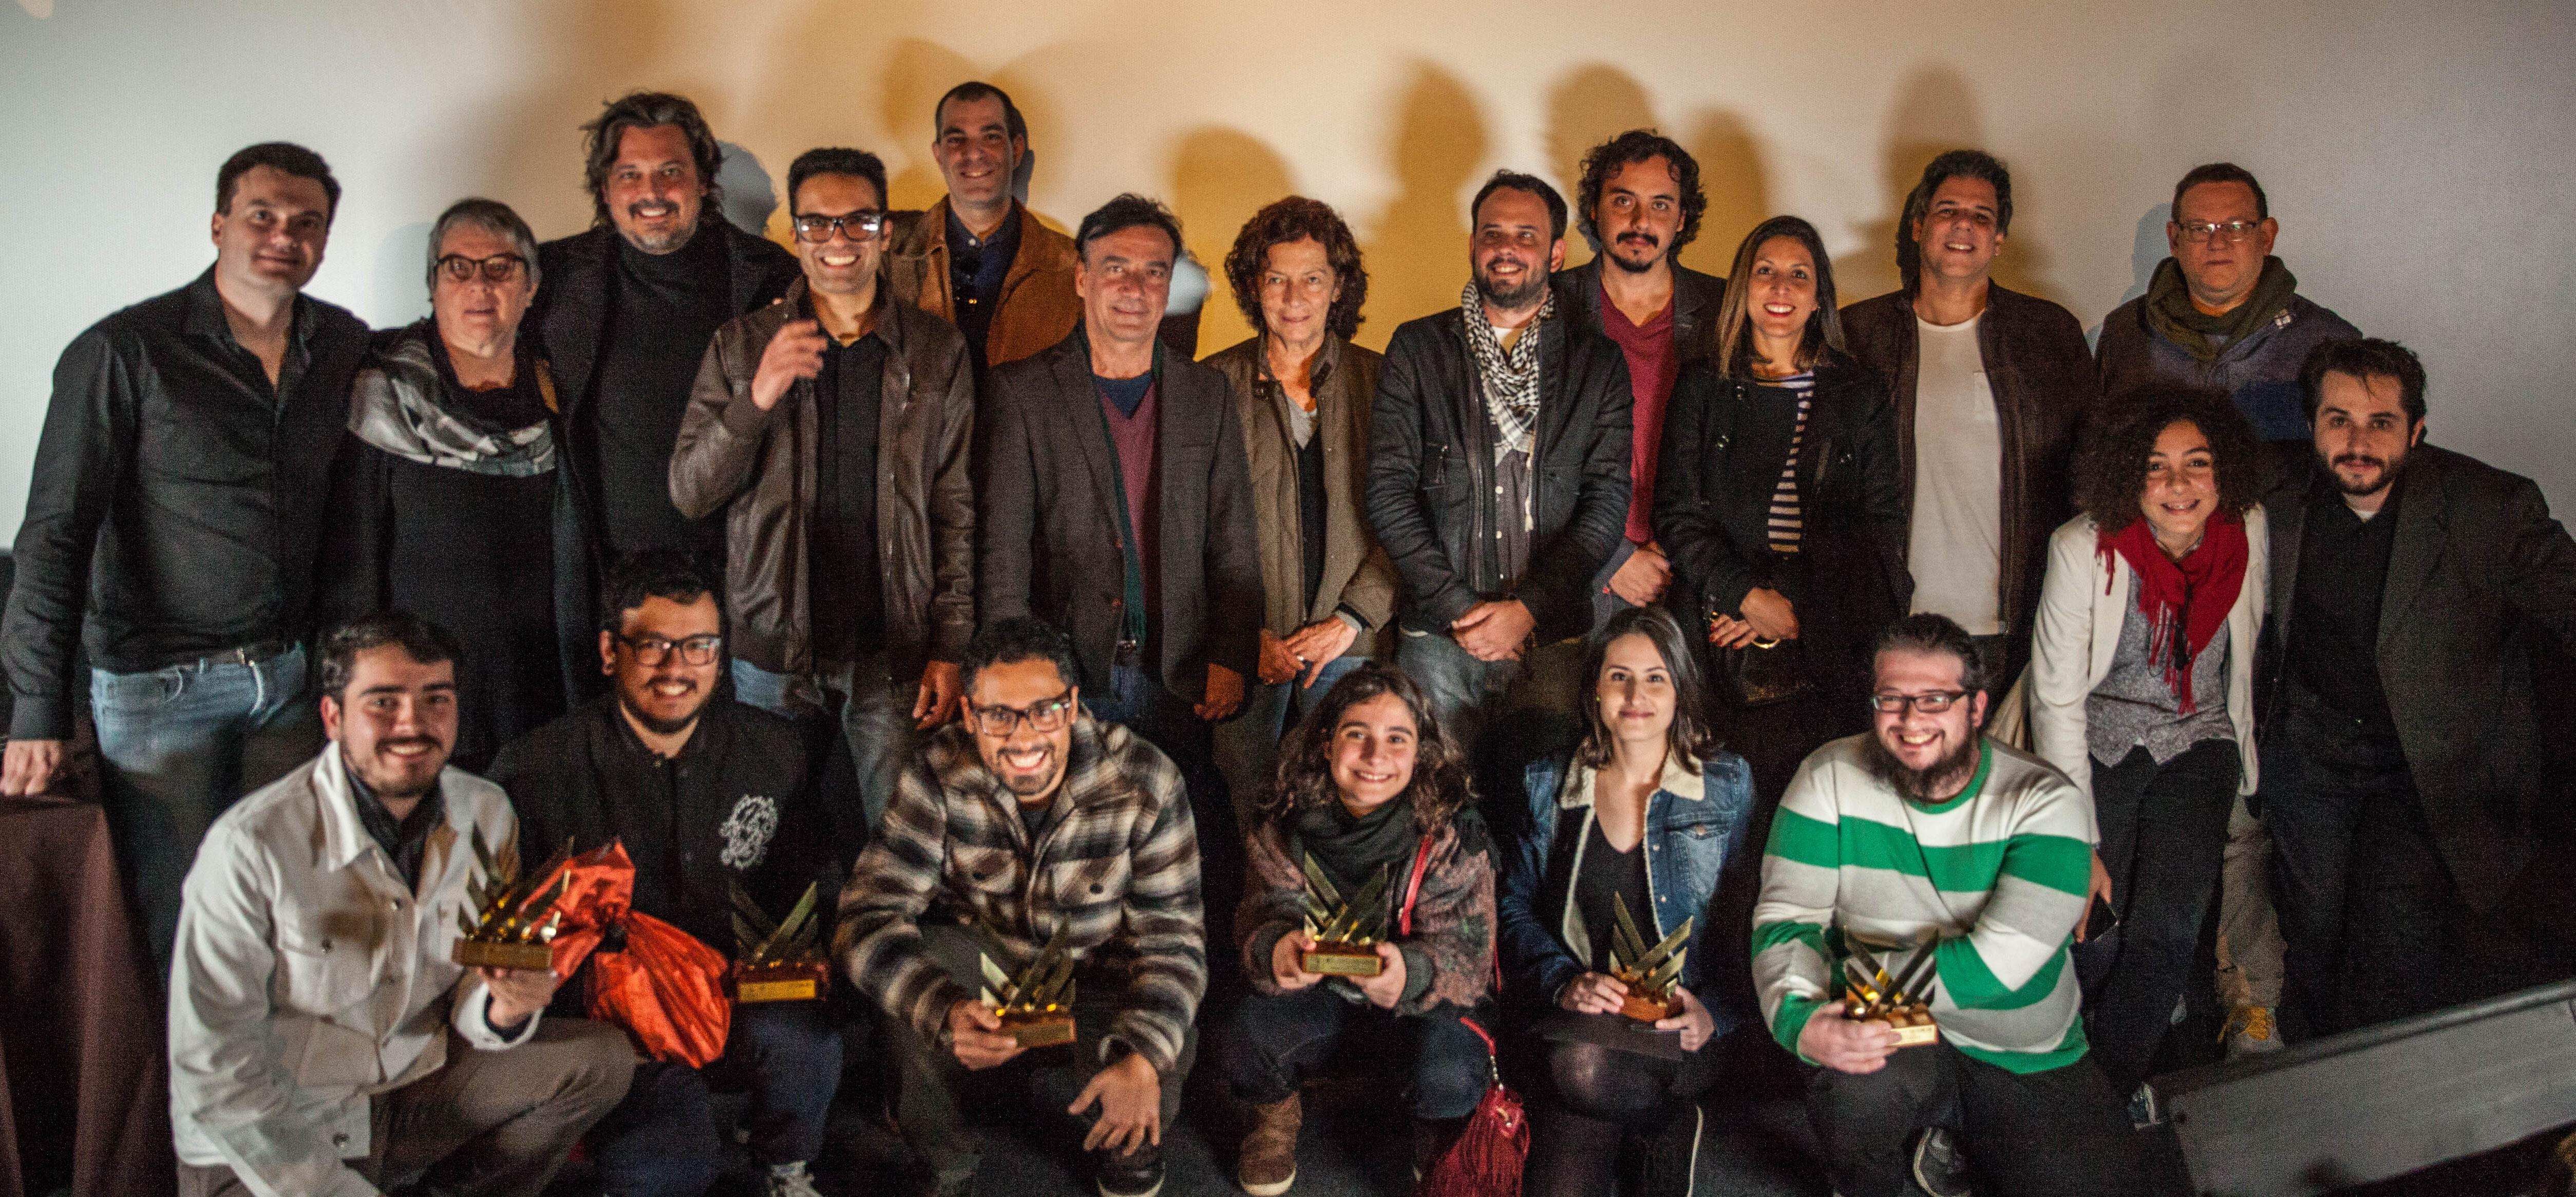 VENCEDORES DO FIMWORKS FILM FESTIVAL 2016